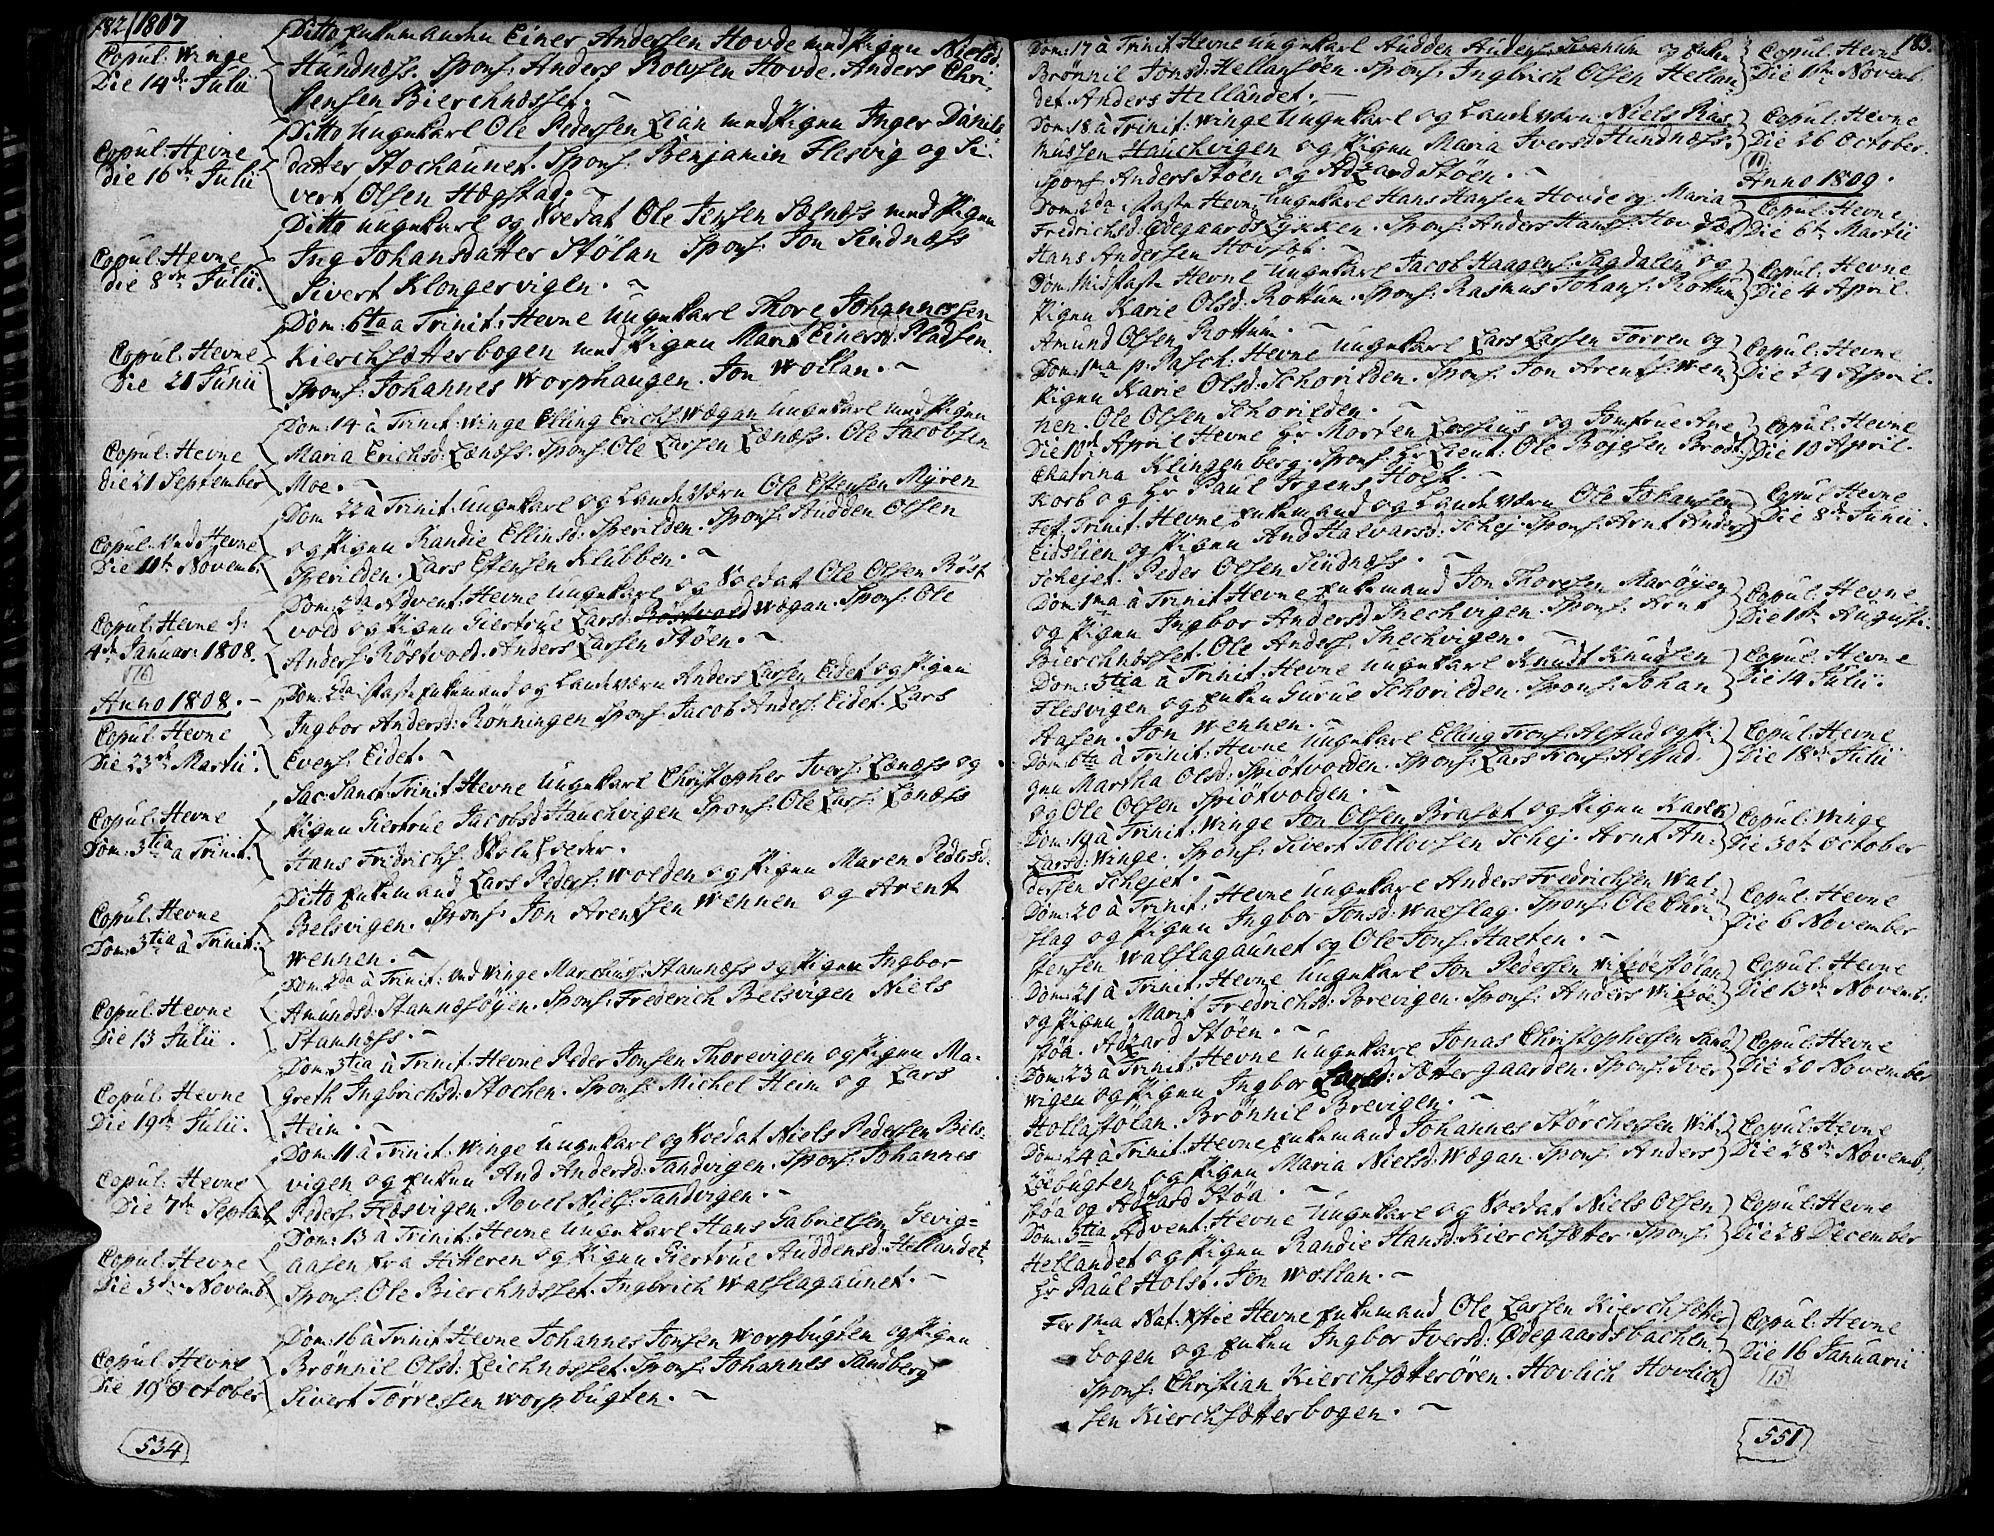 SAT, Ministerialprotokoller, klokkerbøker og fødselsregistre - Sør-Trøndelag, 630/L0490: Ministerialbok nr. 630A03, 1795-1818, s. 182-183